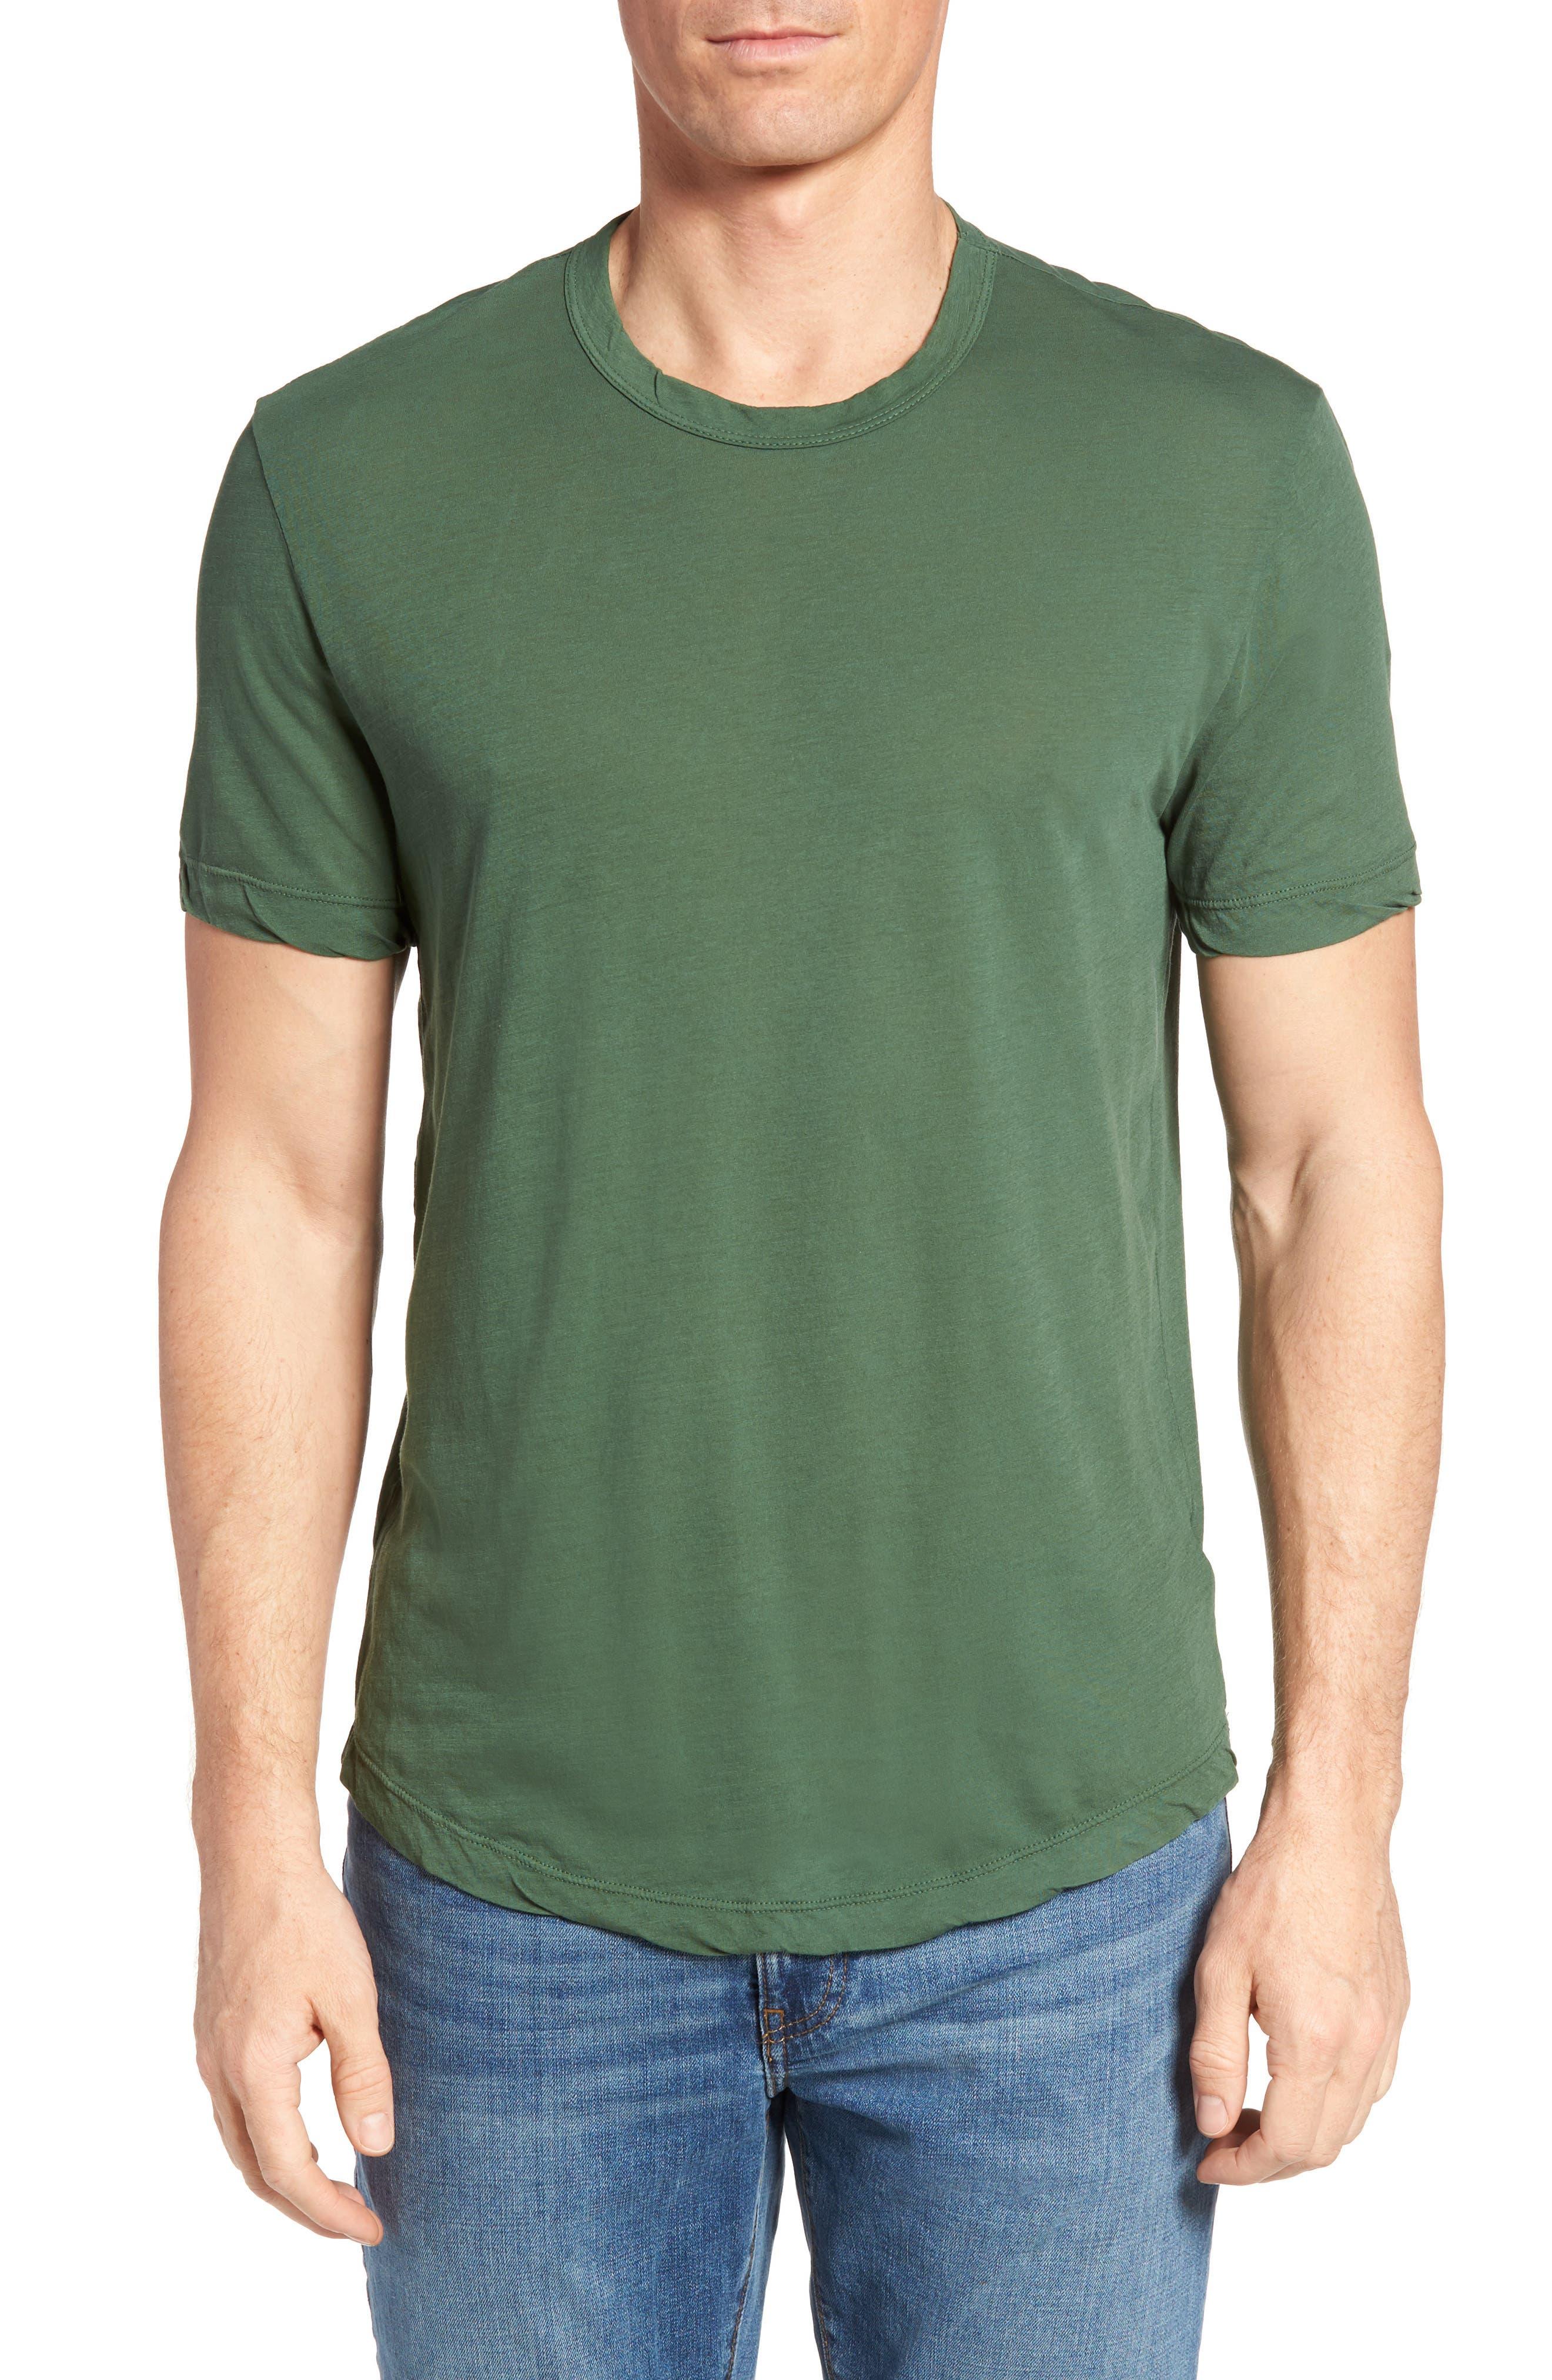 Main Image - James Perse Crewneck Jersey T-Shirt